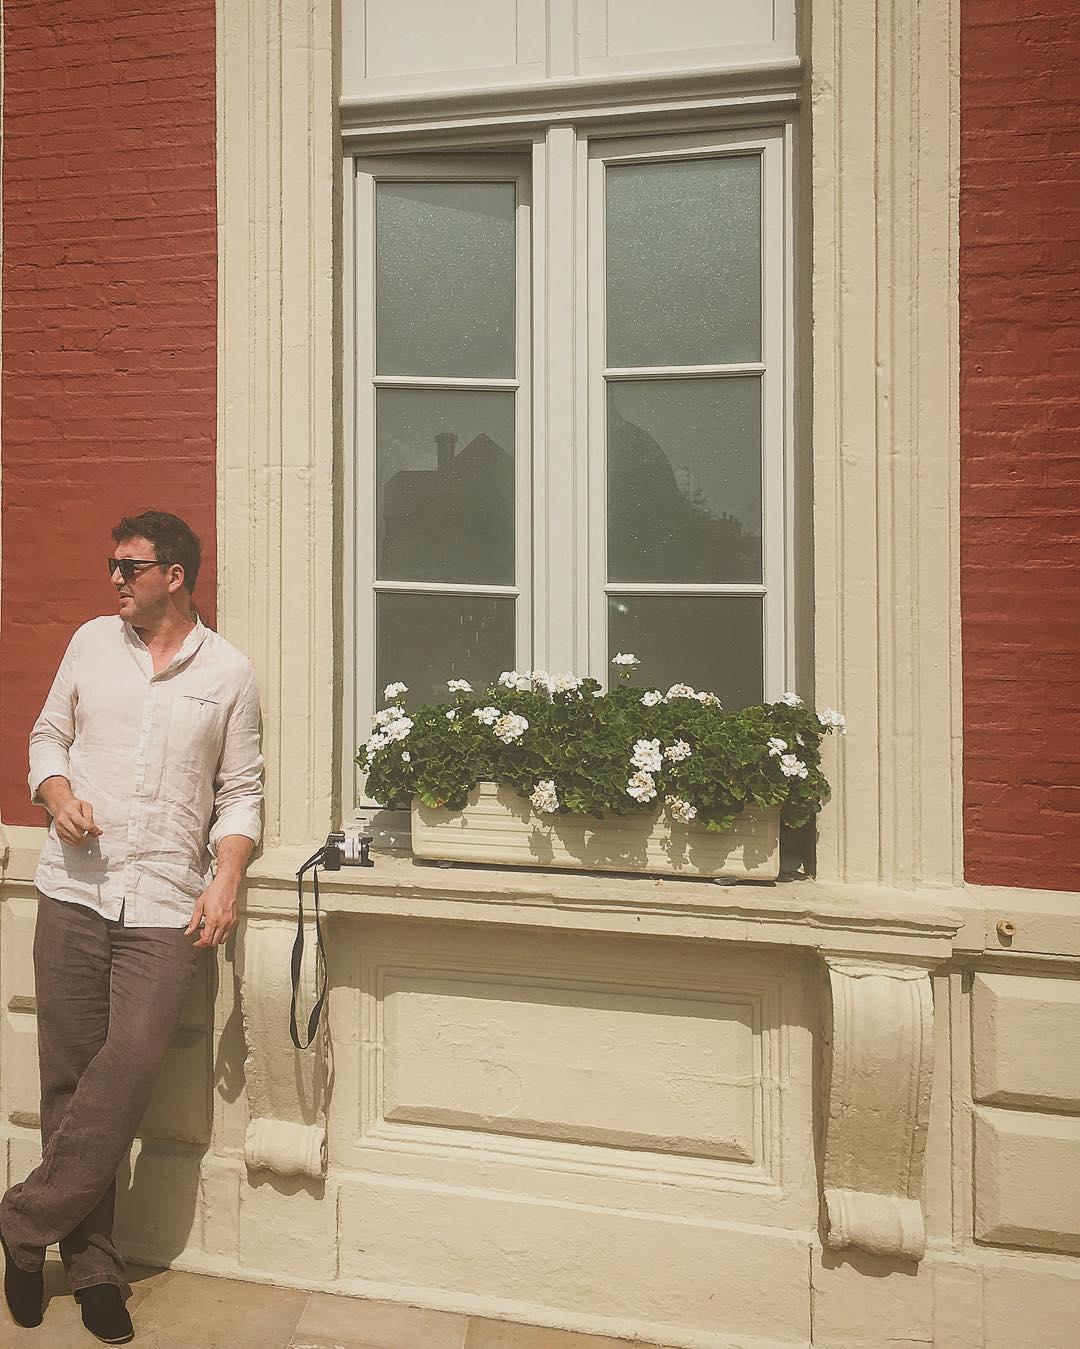 Мой самый любимый и родной. Человек ,который не просто терпит всех моих разномастных тараканов,но еще и нежно их любит и дрессирует:) @mvitorgan #hoteldupalais #biarritz